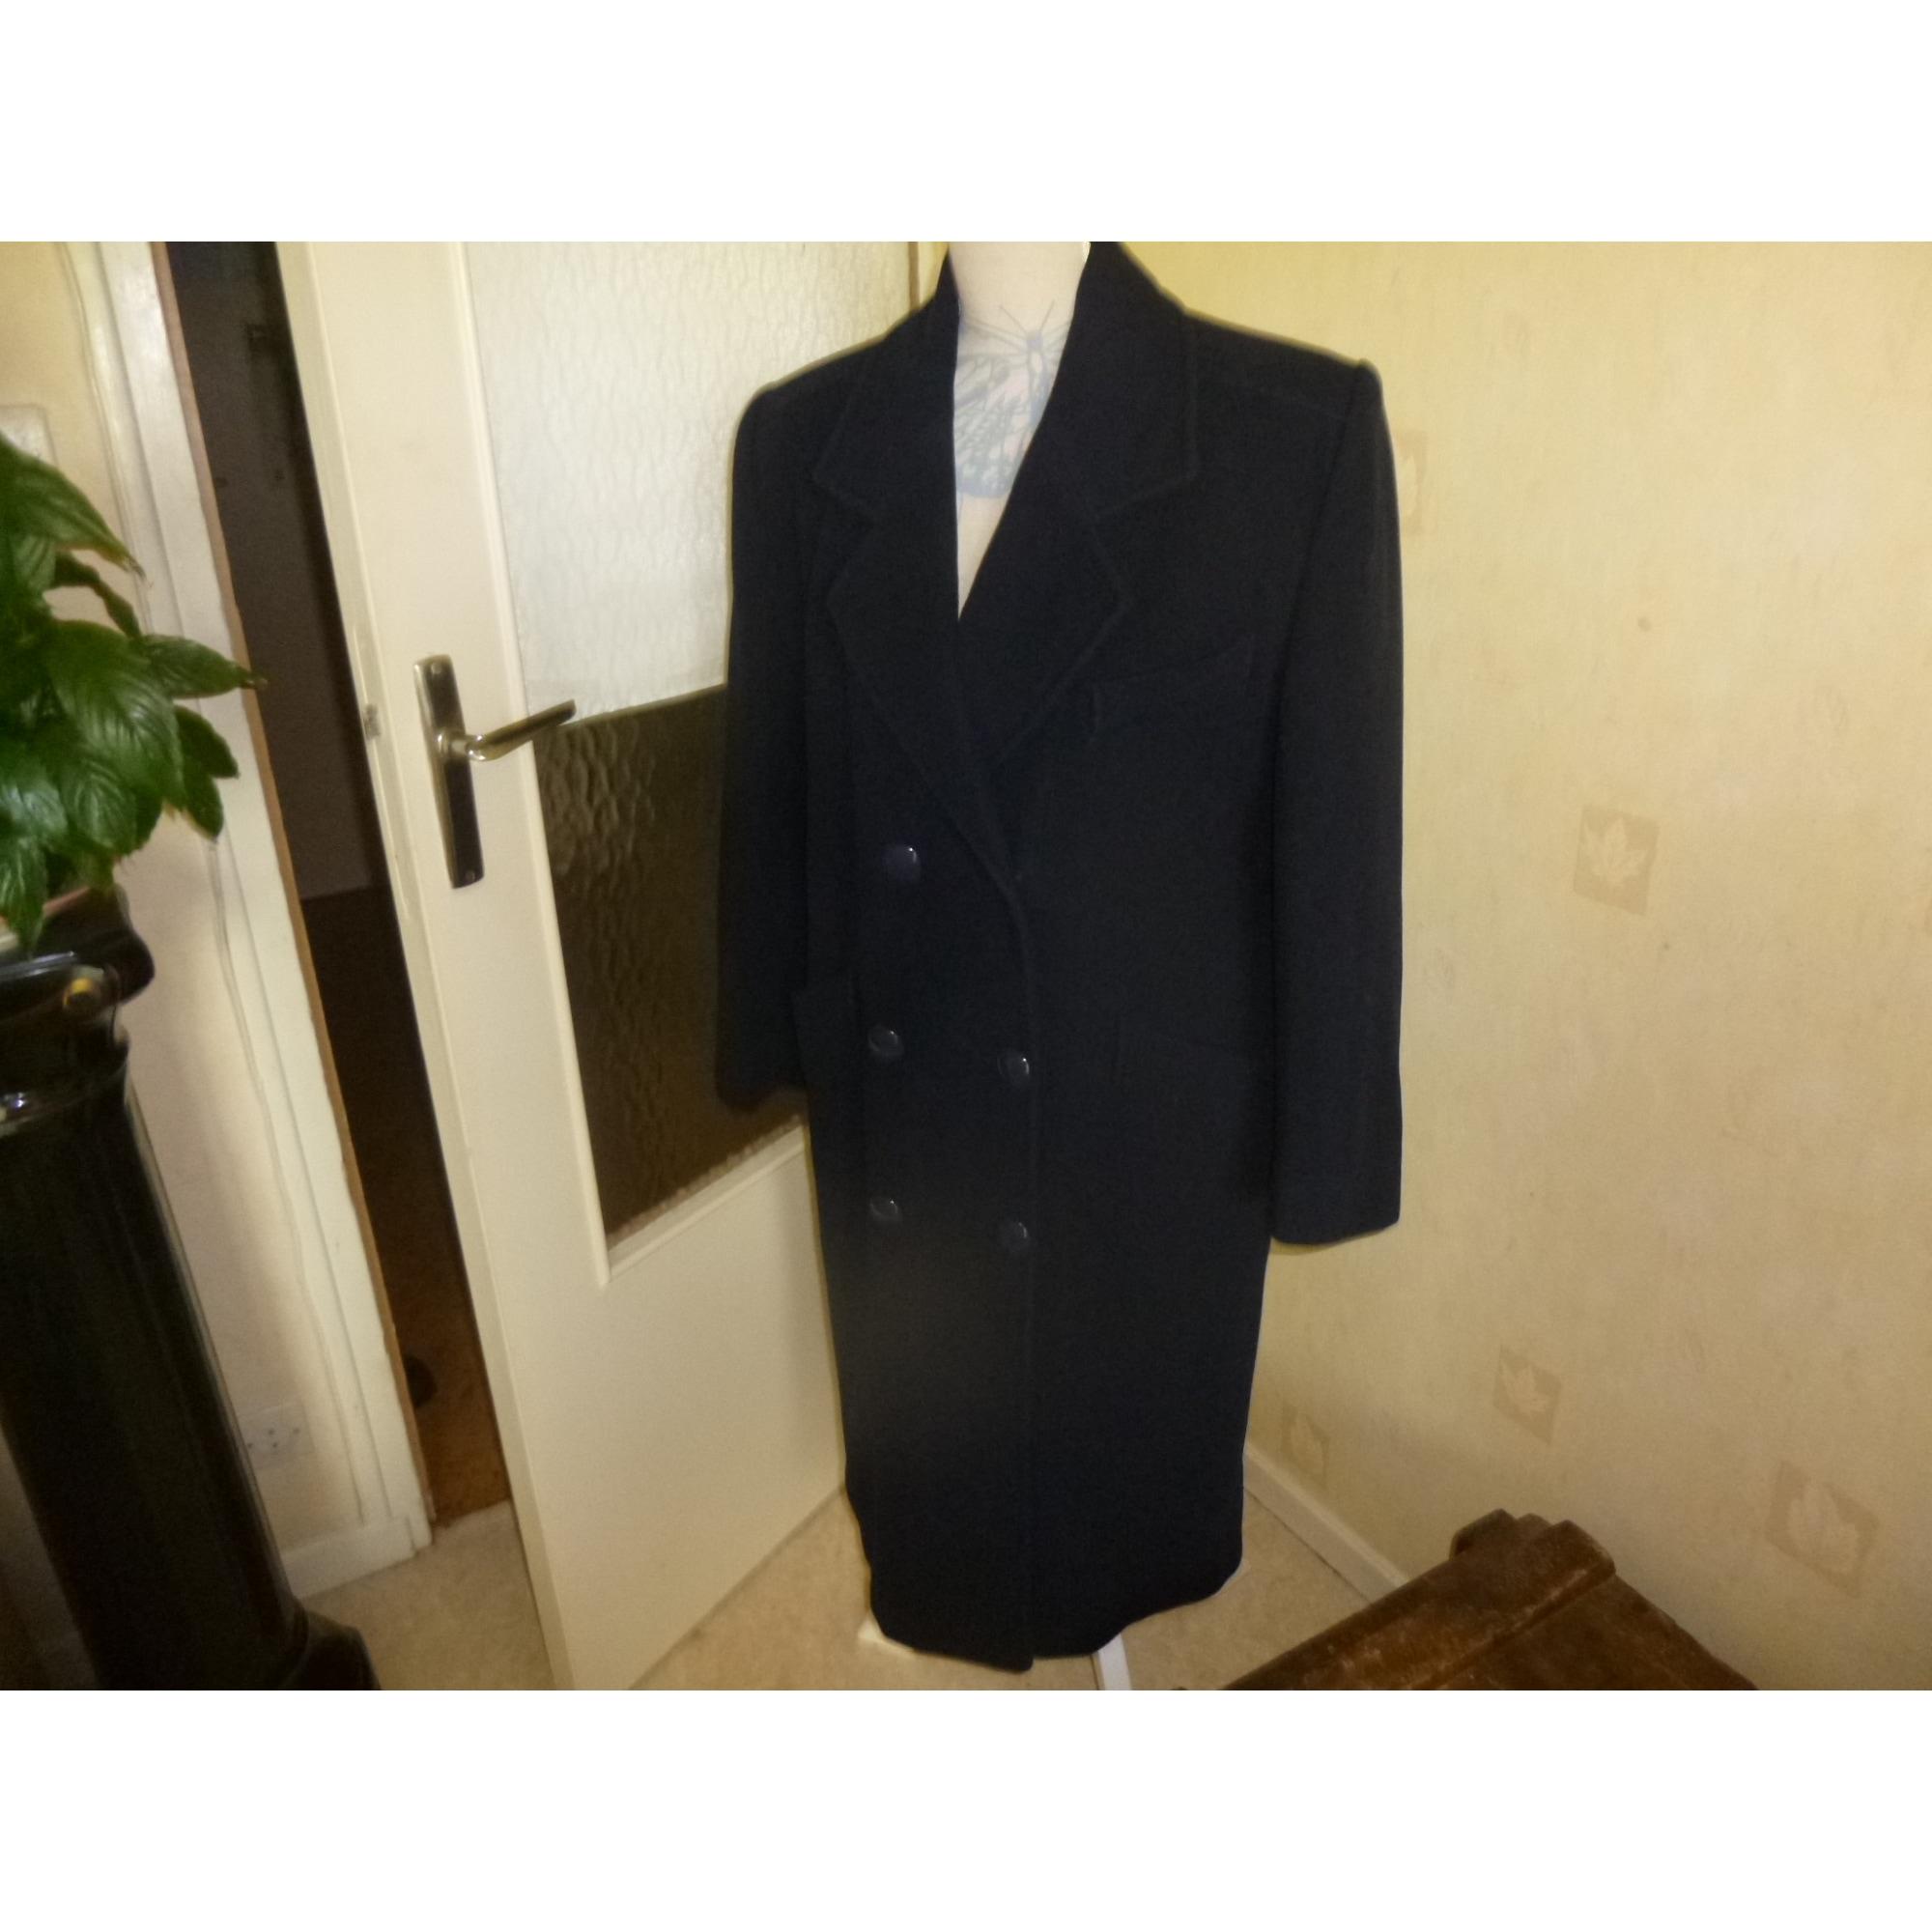 Manteaux homme Givenchy Manteau Cachemire,Laine Bleu foncé